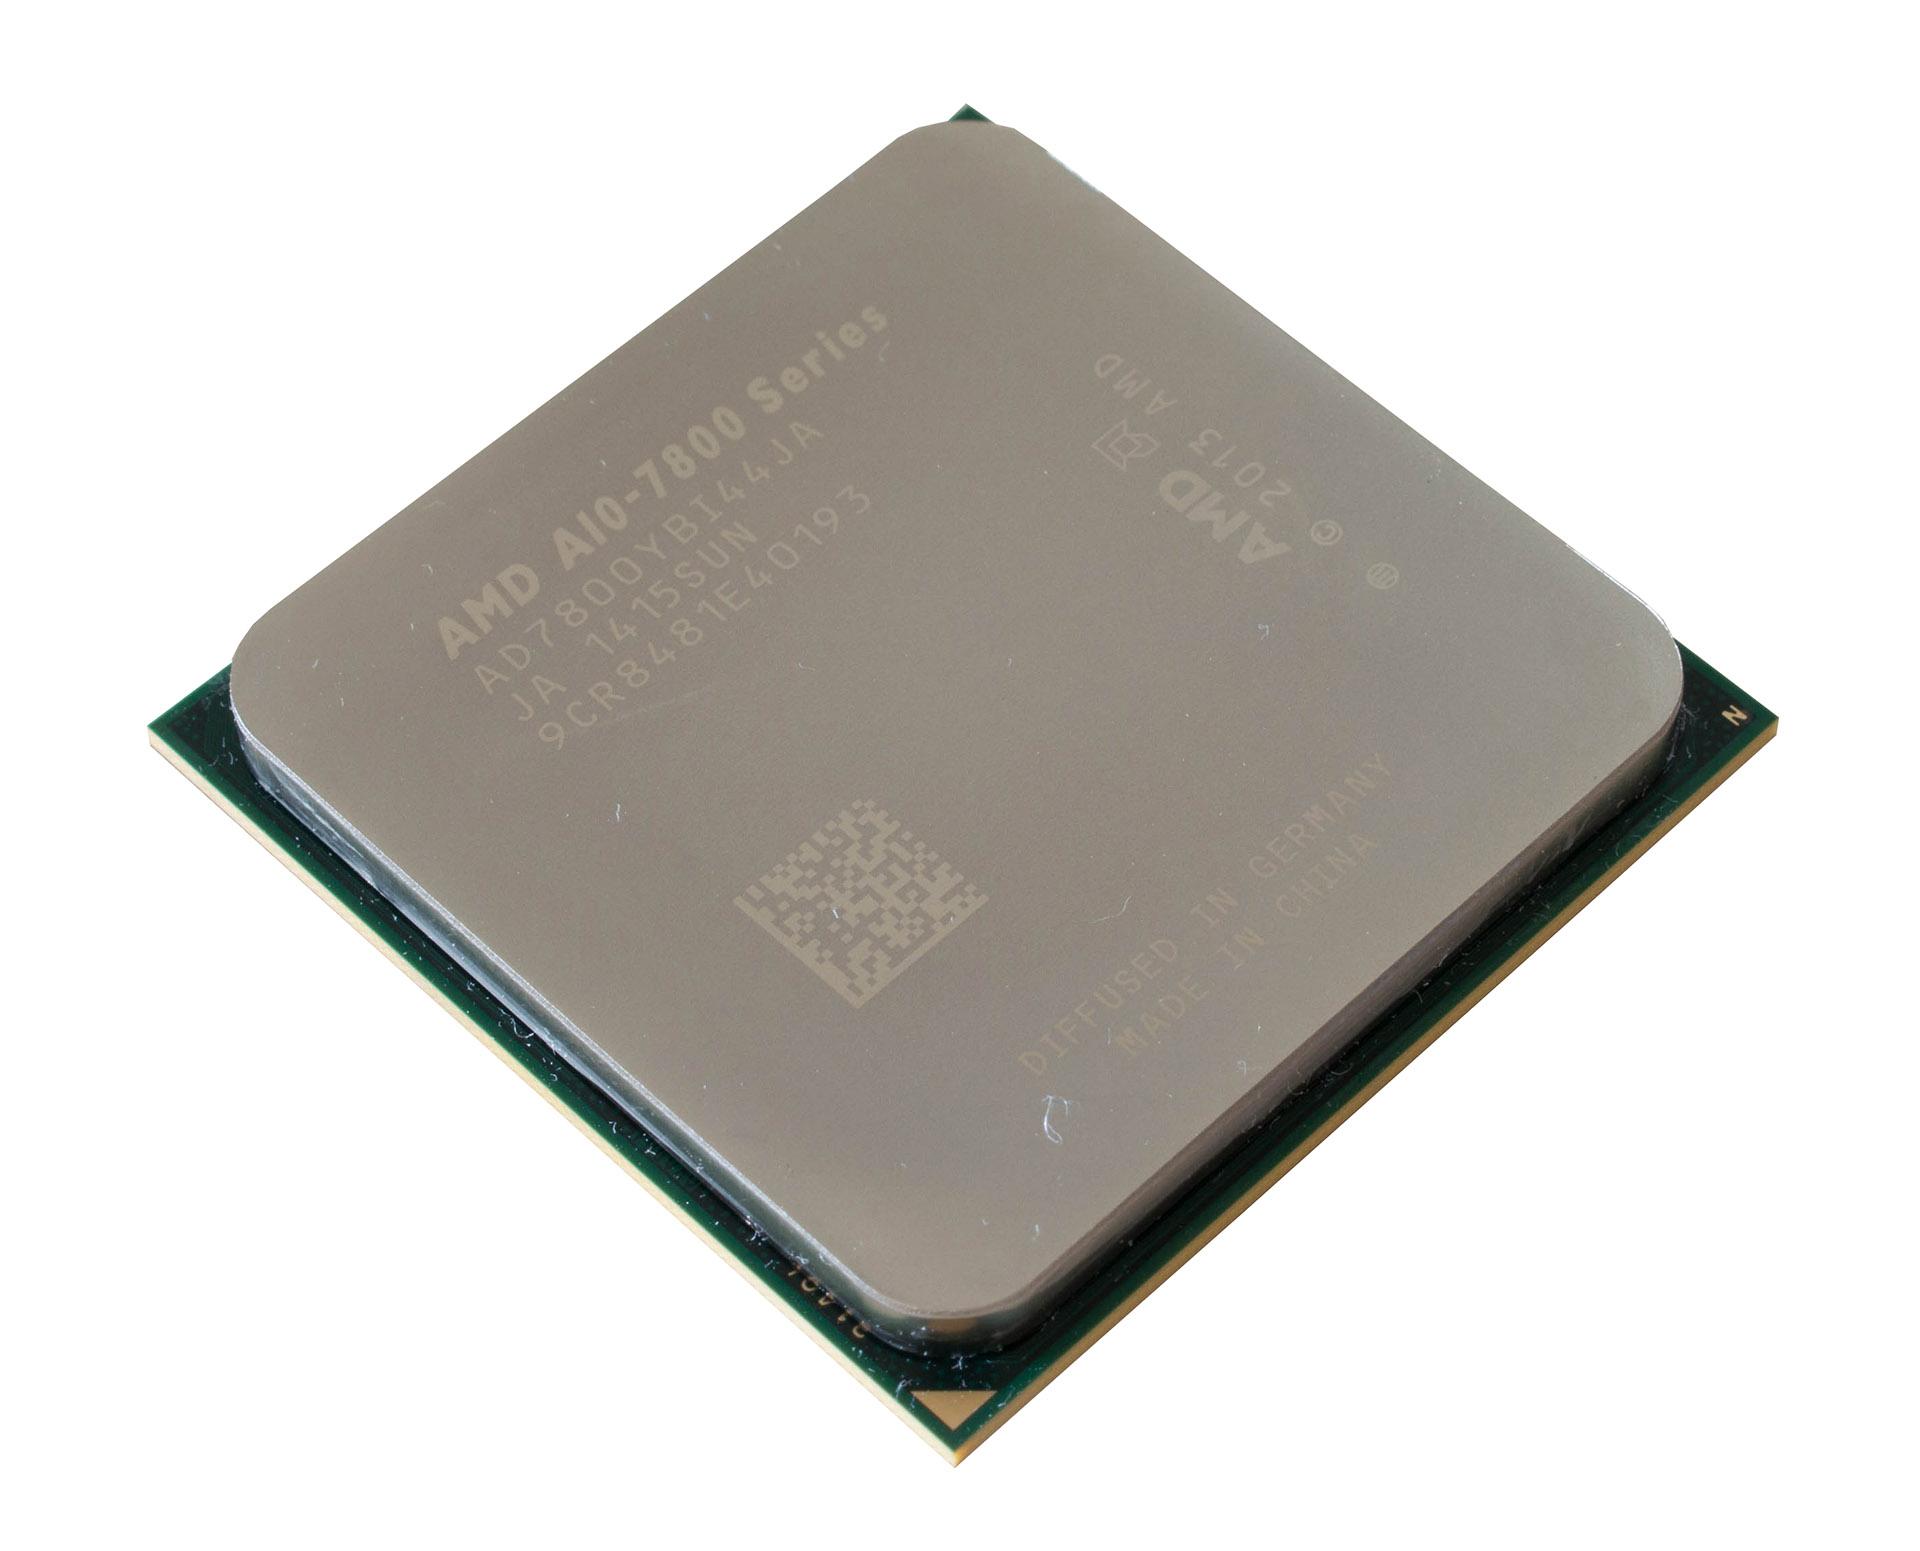 AMD A10-7800 test